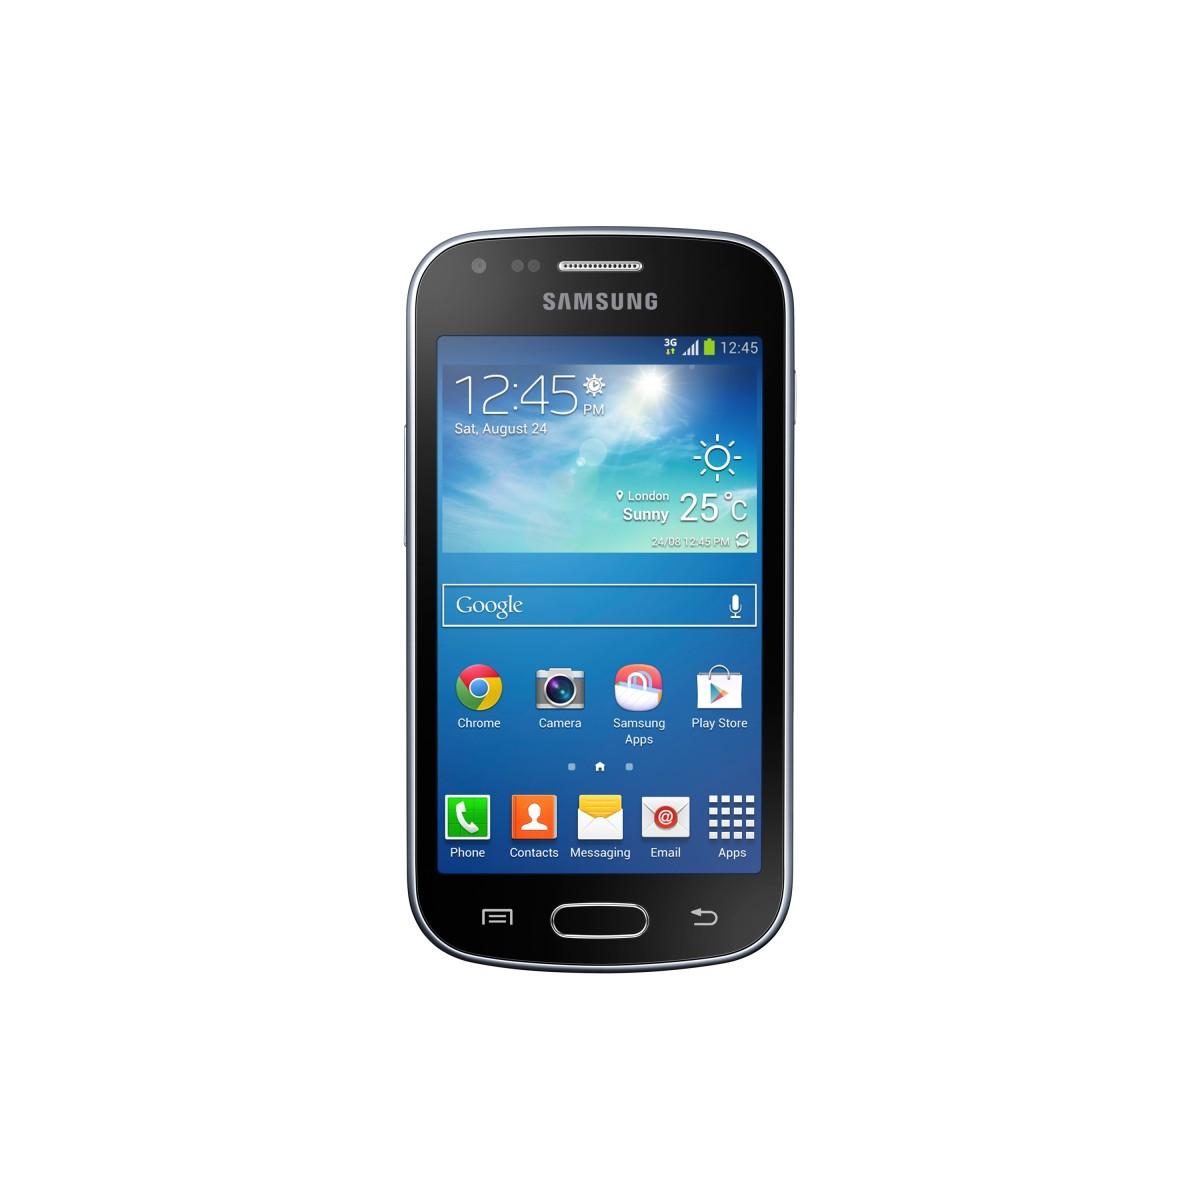 Smartphone Galaxy S Duos GT-S7582L Preto com Processador Dual Core 1.2 GHz, Tela de 4.0, Android 4.2, 3G e Wi-Fi